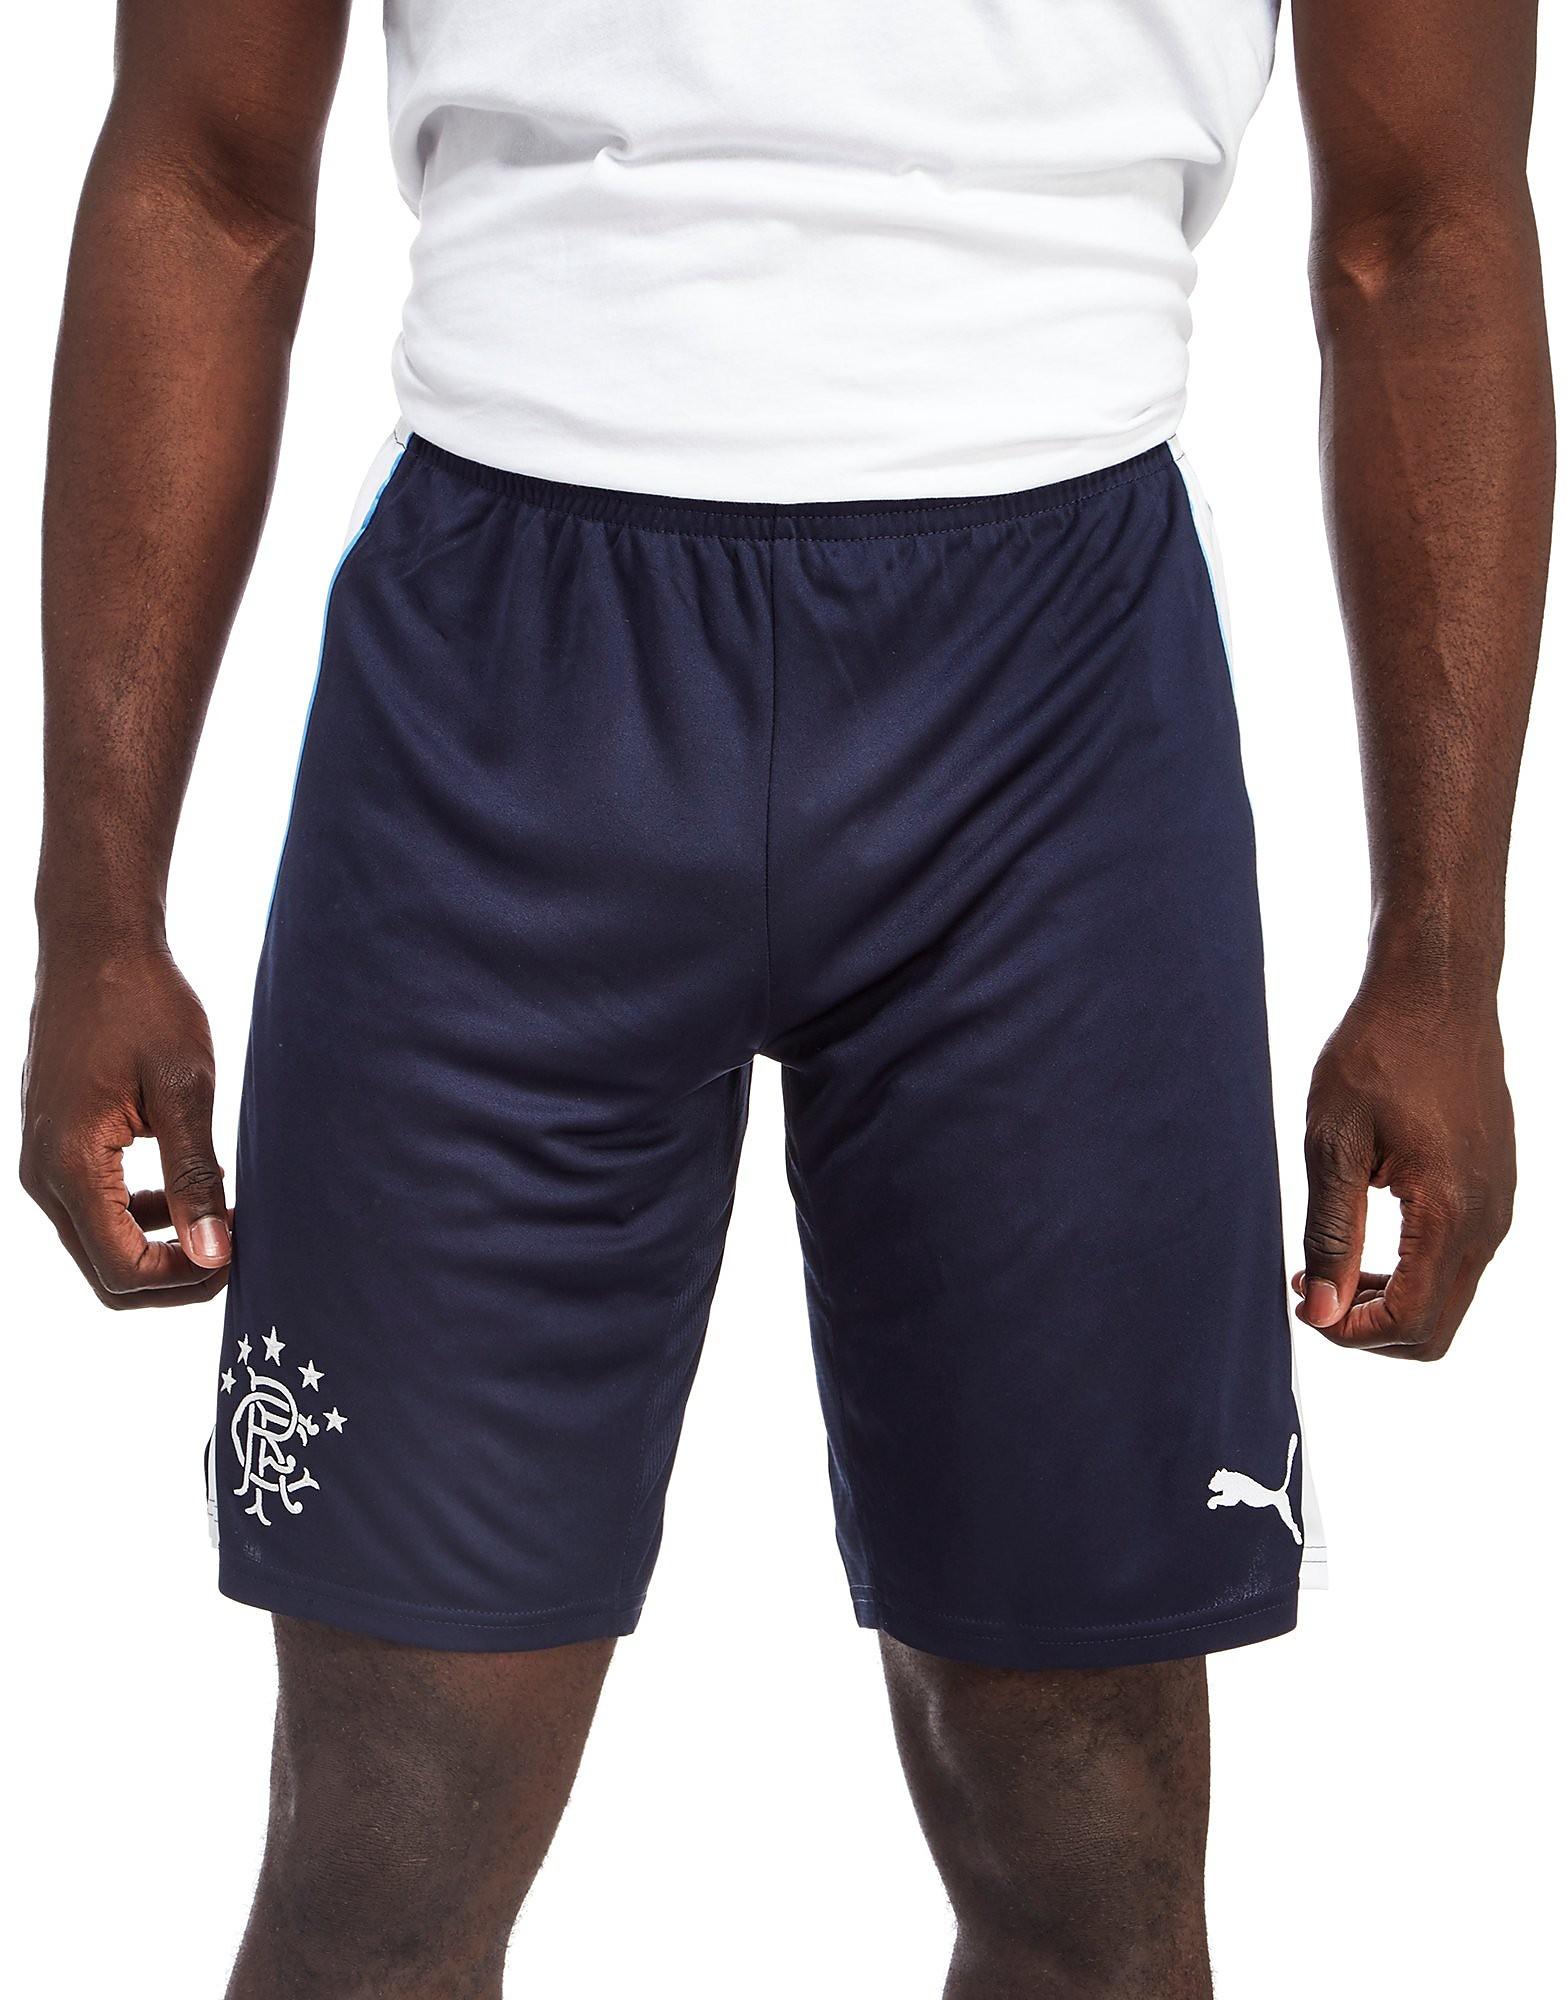 PUMA Rangers FC 2016/17 Third Shorts